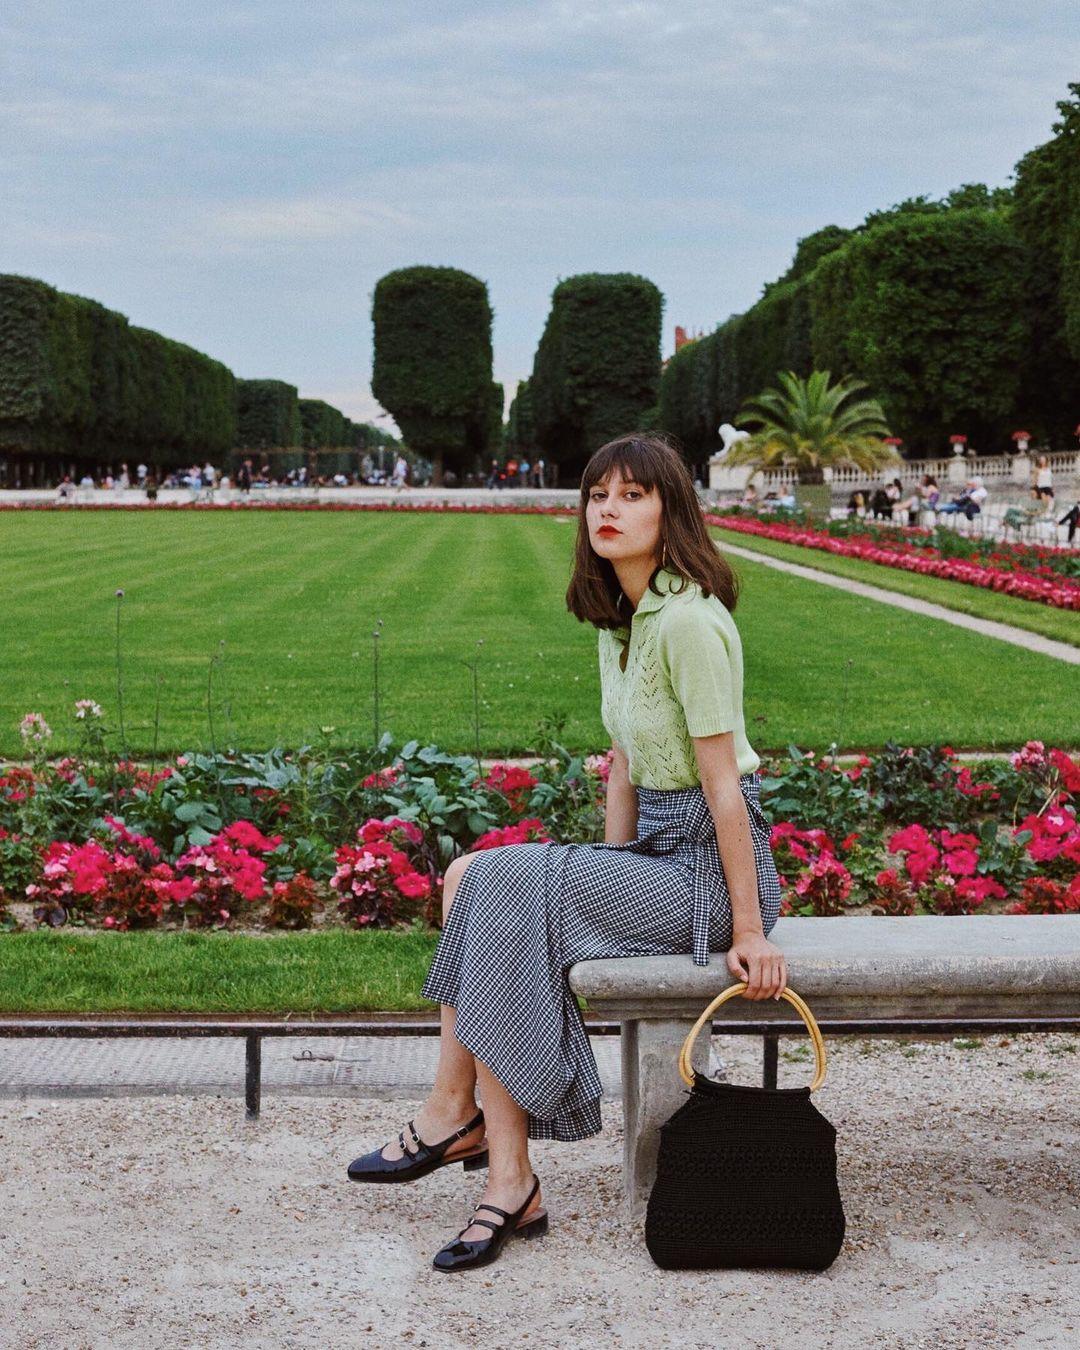 Khác với gái Hàn, phụ nữ Pháp diện chân váy dài trông nổi bật hơn hẳn nhưng vẫn sang ngút ngàn - Ảnh 10.